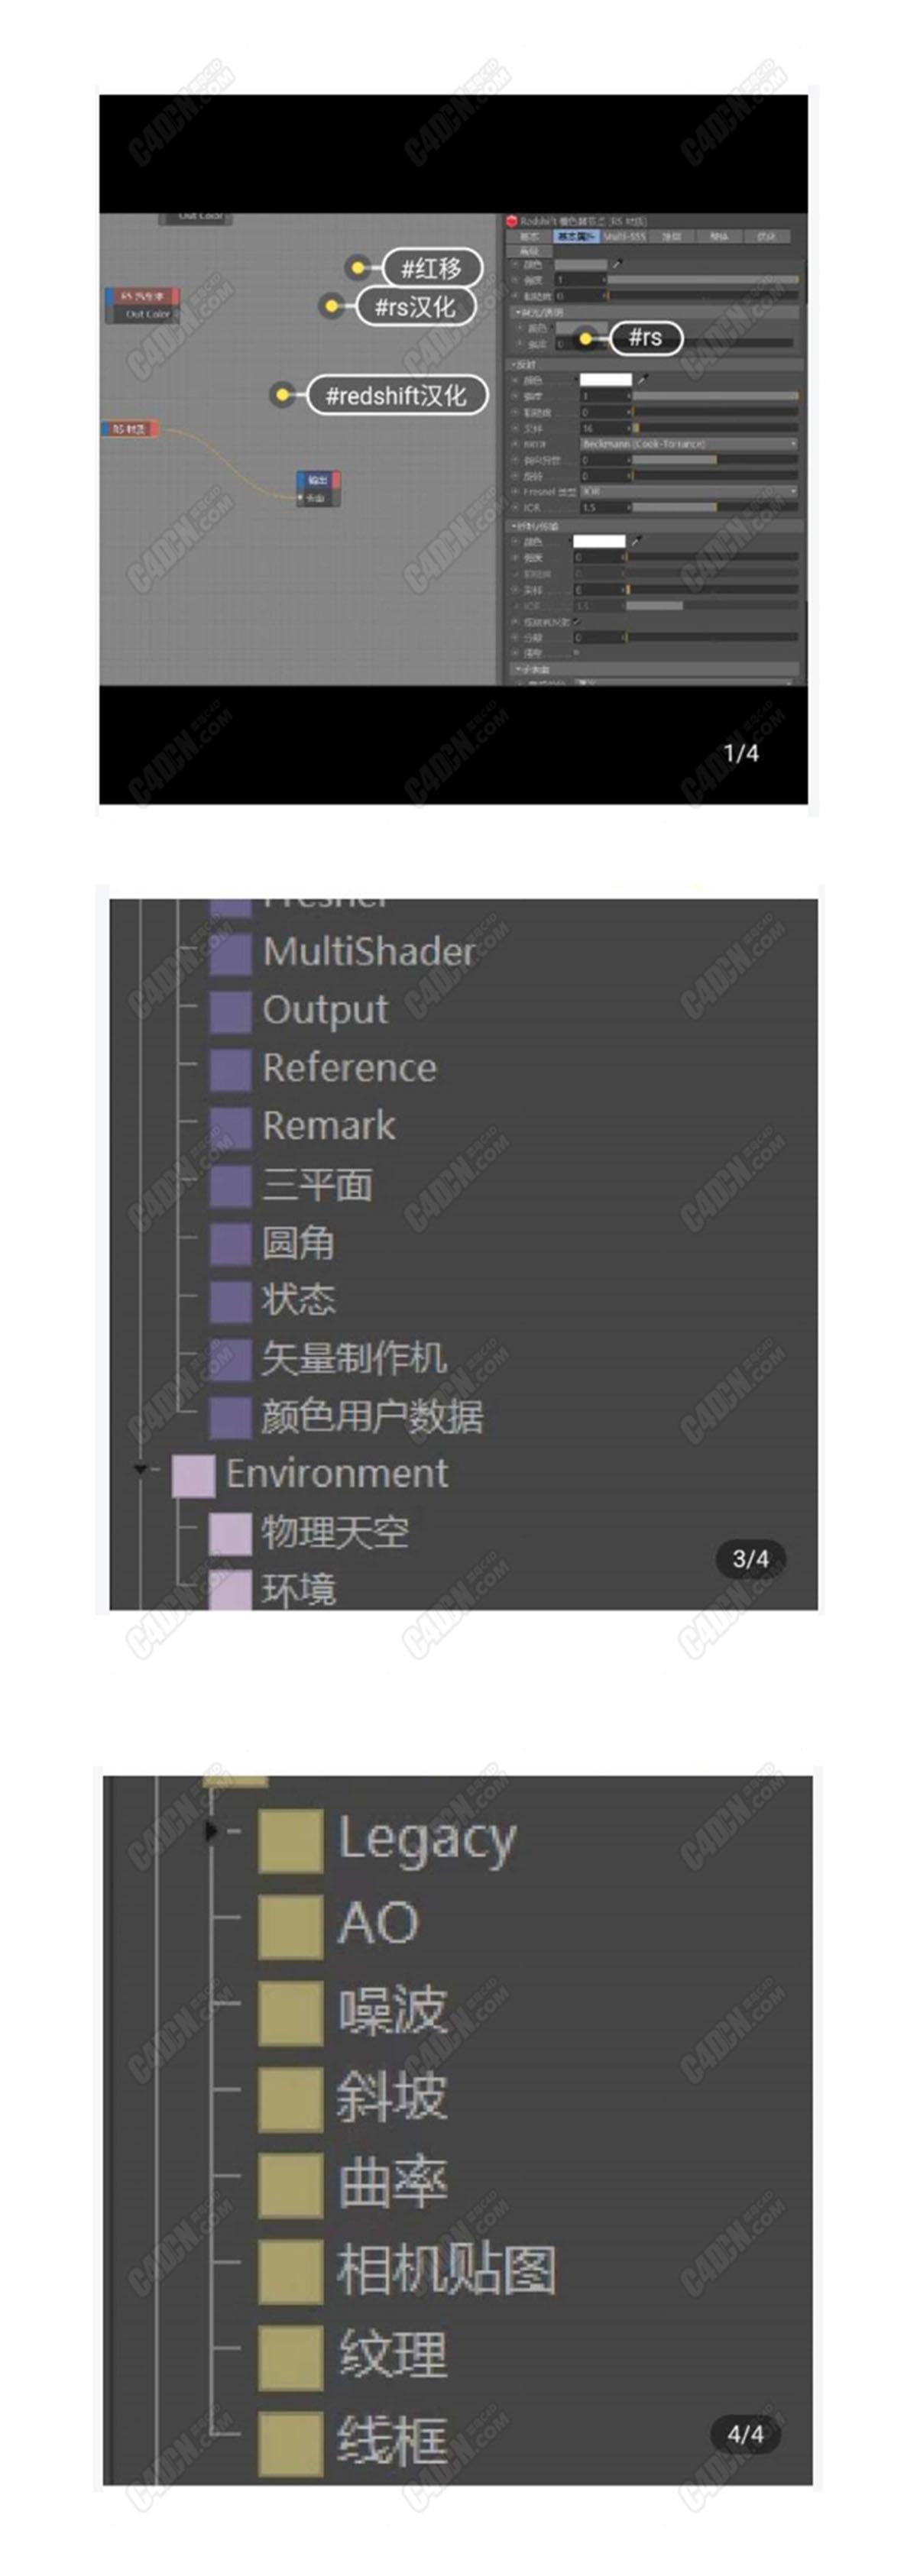 (RS红移渲染器) for C4D v2.6.41节点汉化文件